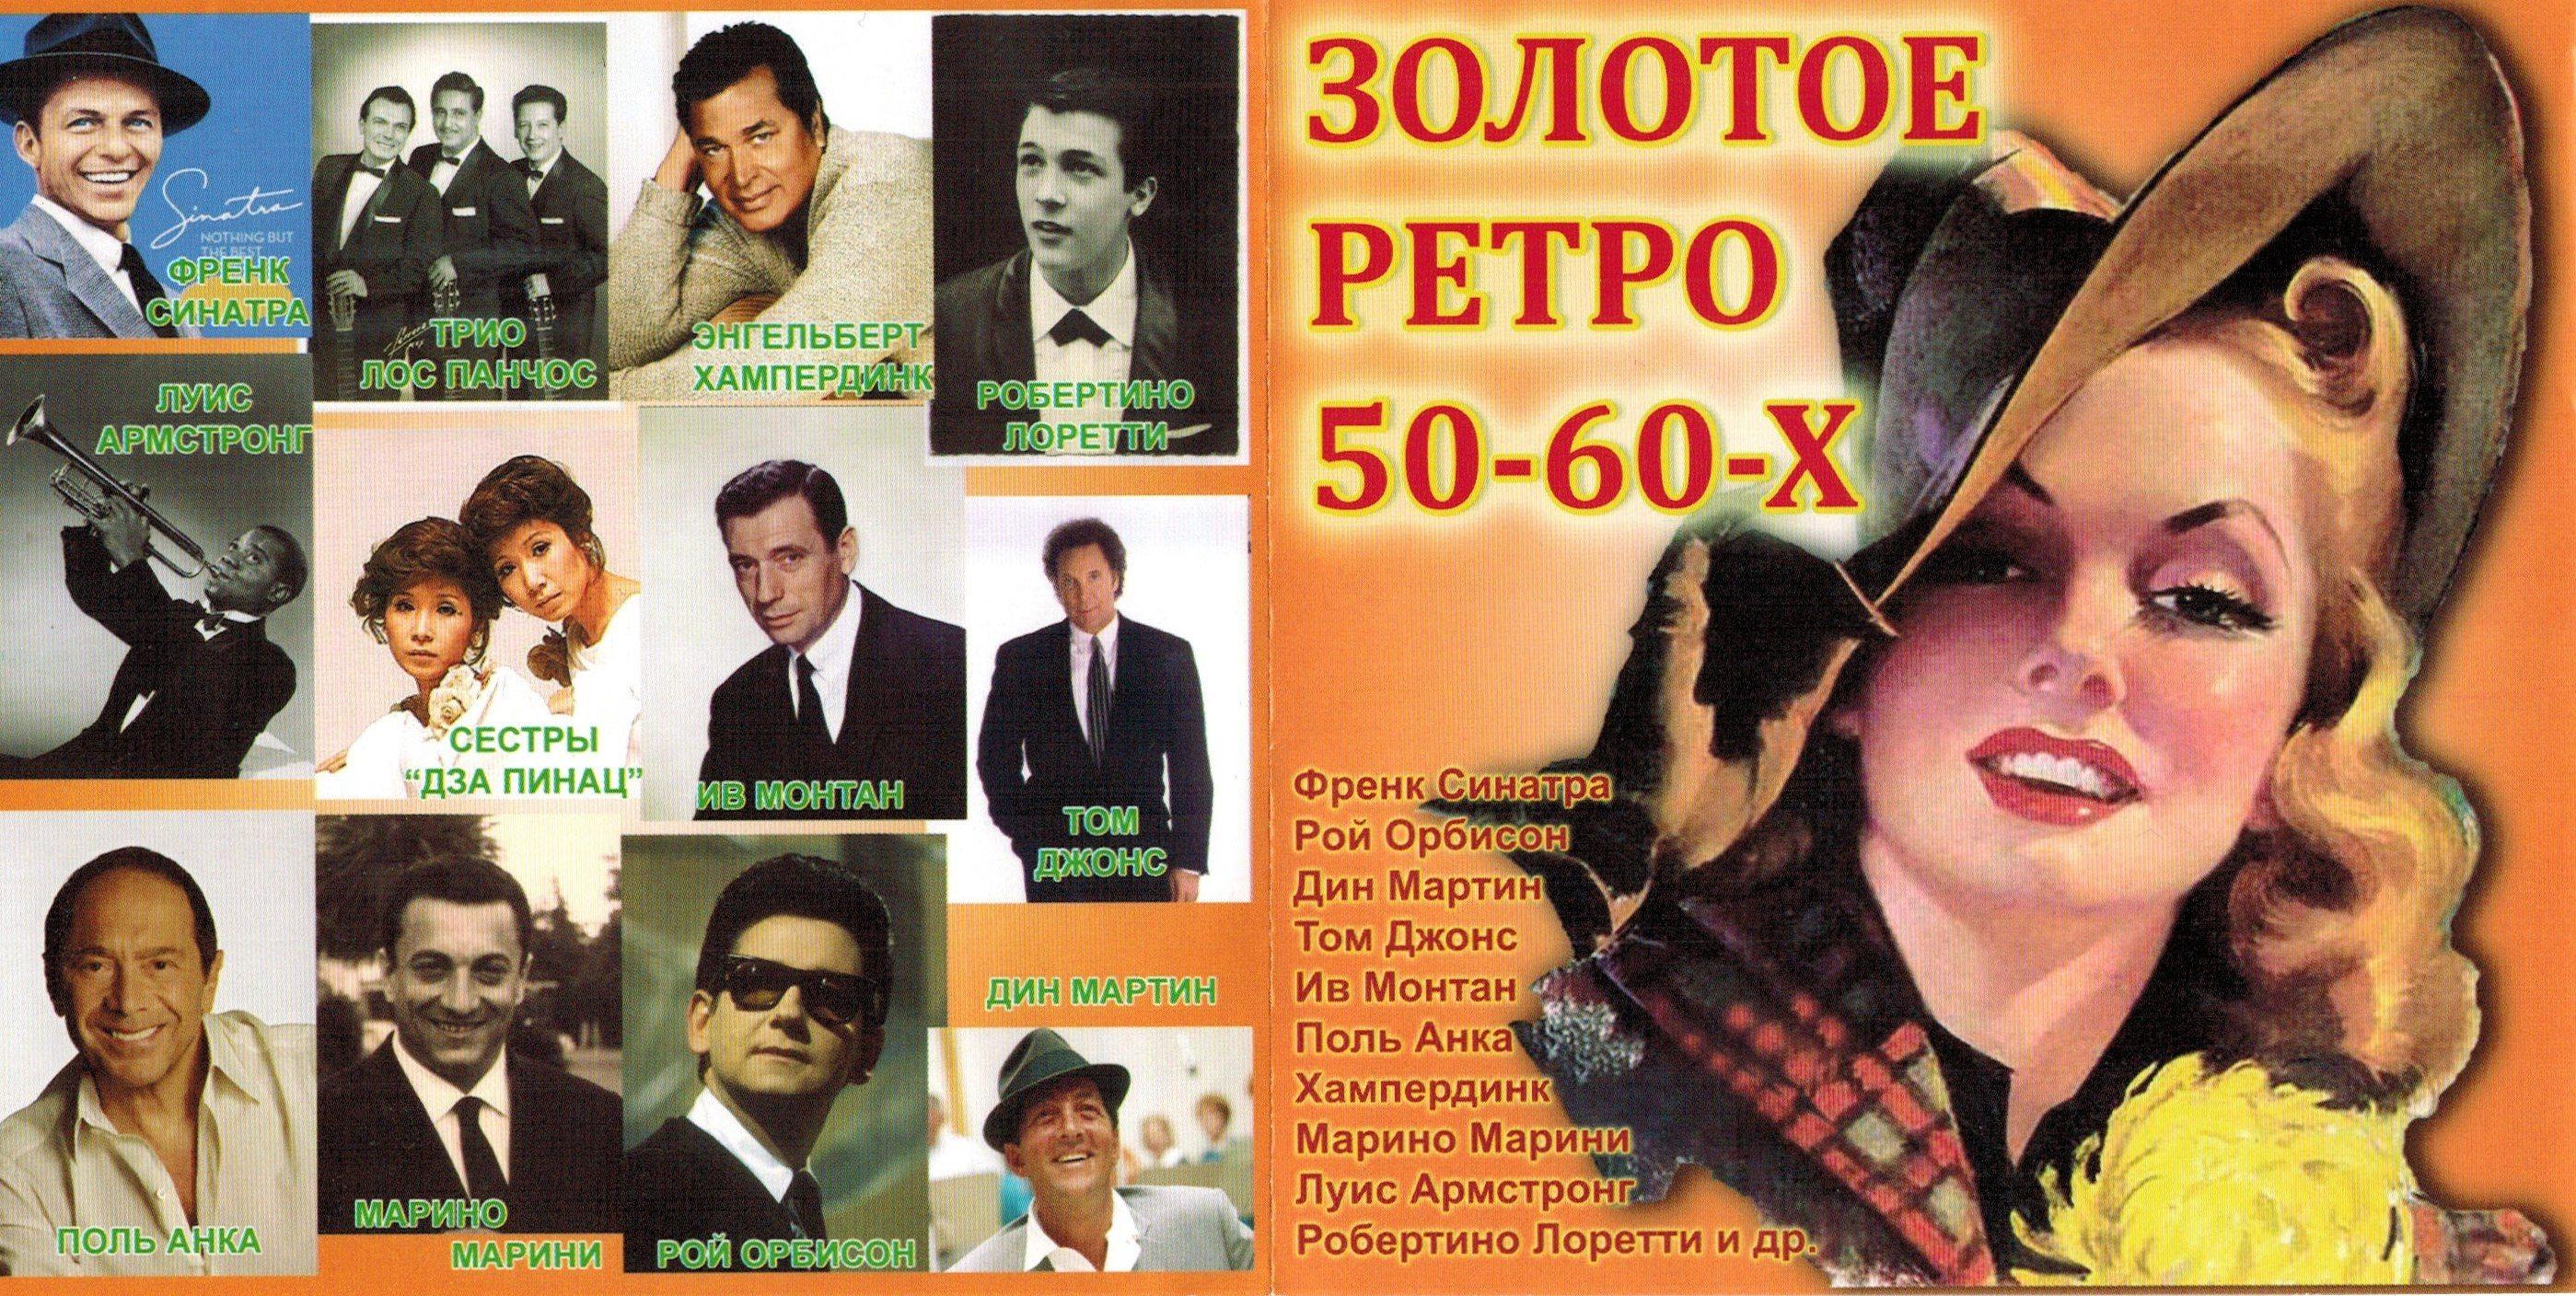 http://ipic.su/img/img7/fs/B2.1417538386.jpg